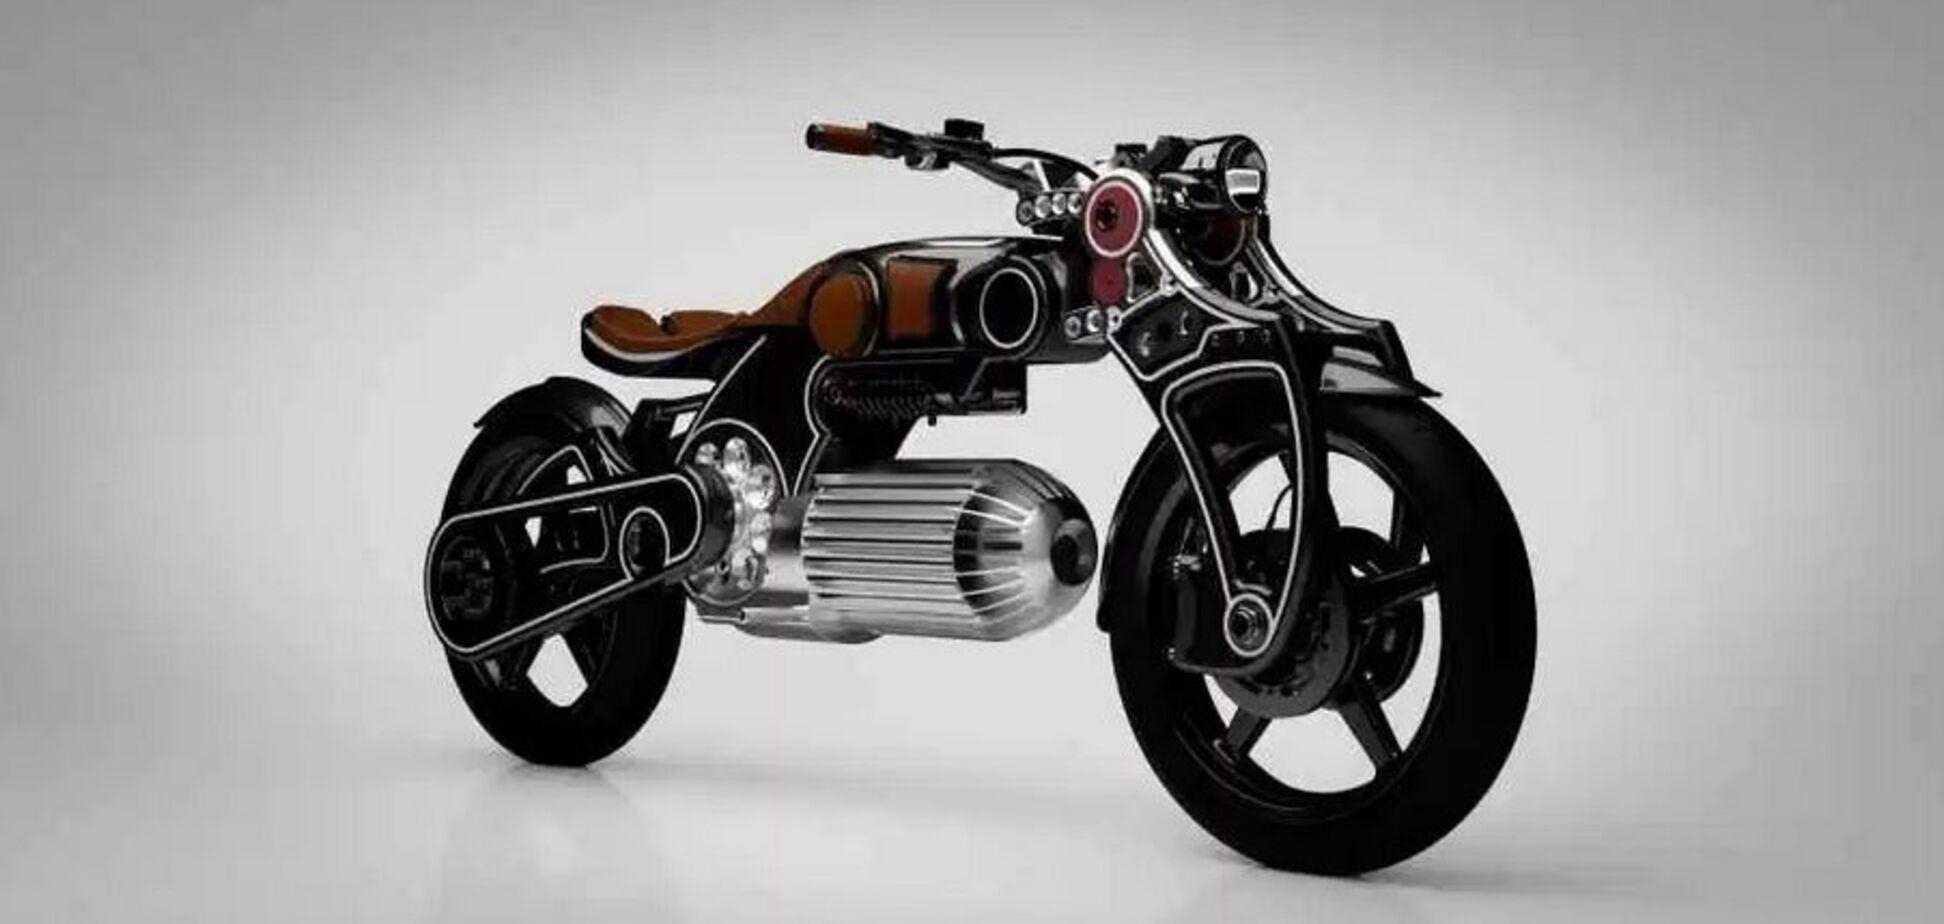 Из титана и карбона в форме пули: в США показали сверхмощный электромотоцикл